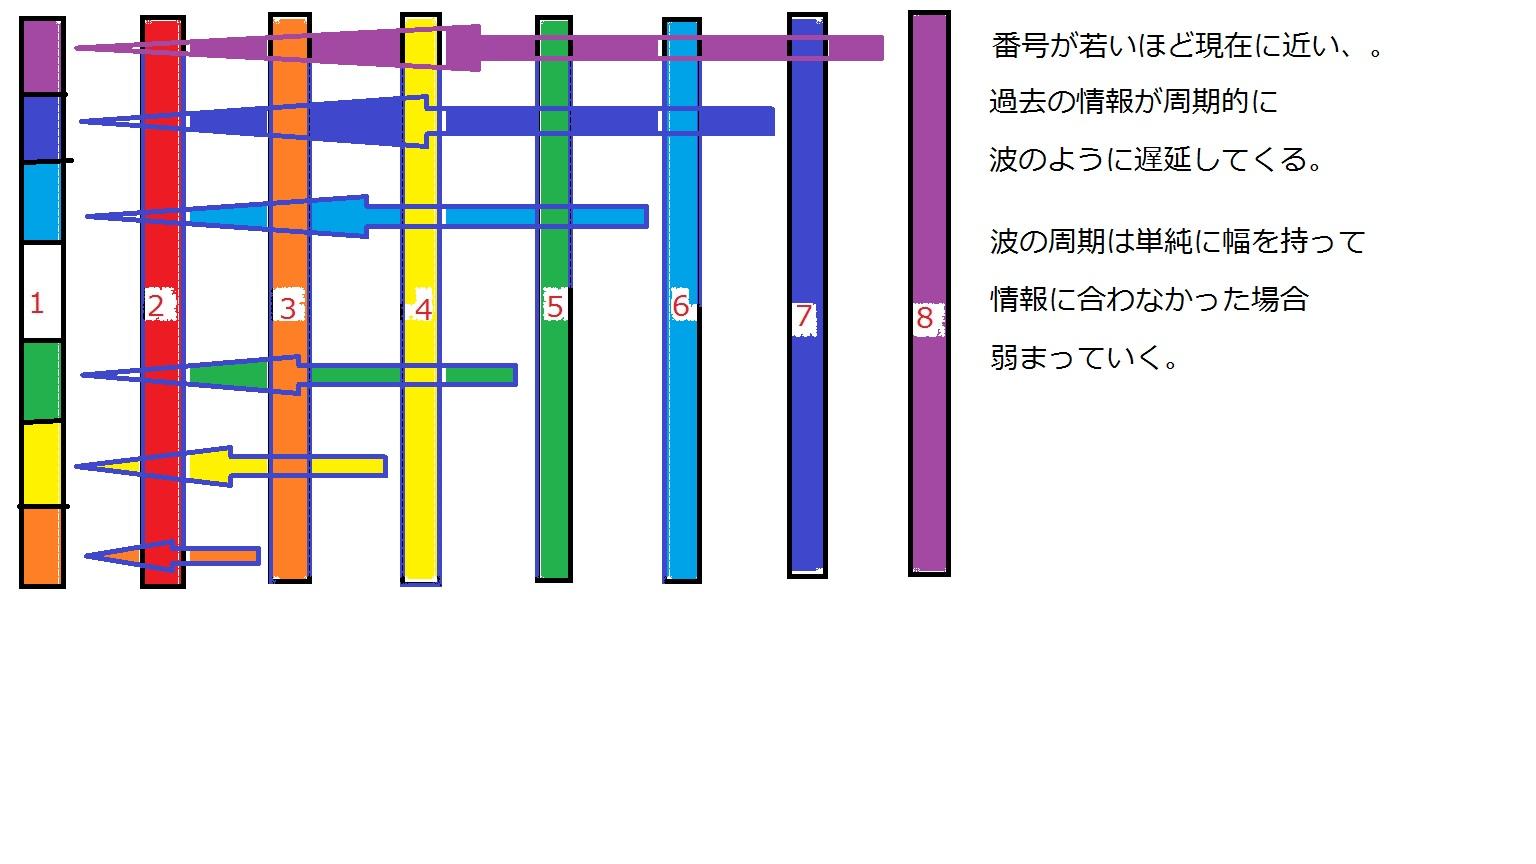 無題.9.jpg